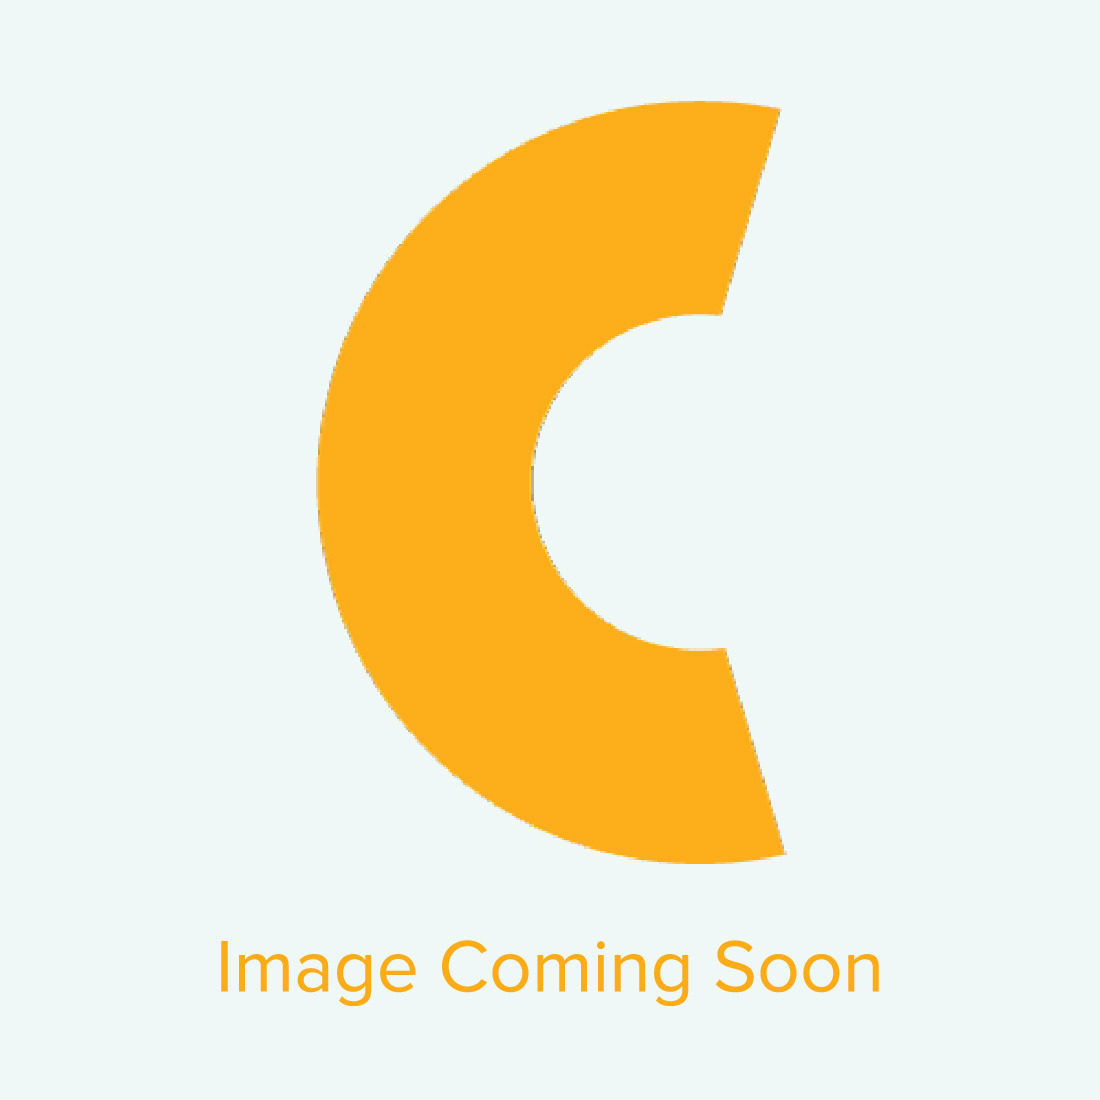 """Exuma Digital Clamshell Heat Press Machine - 11"""" x 15"""""""